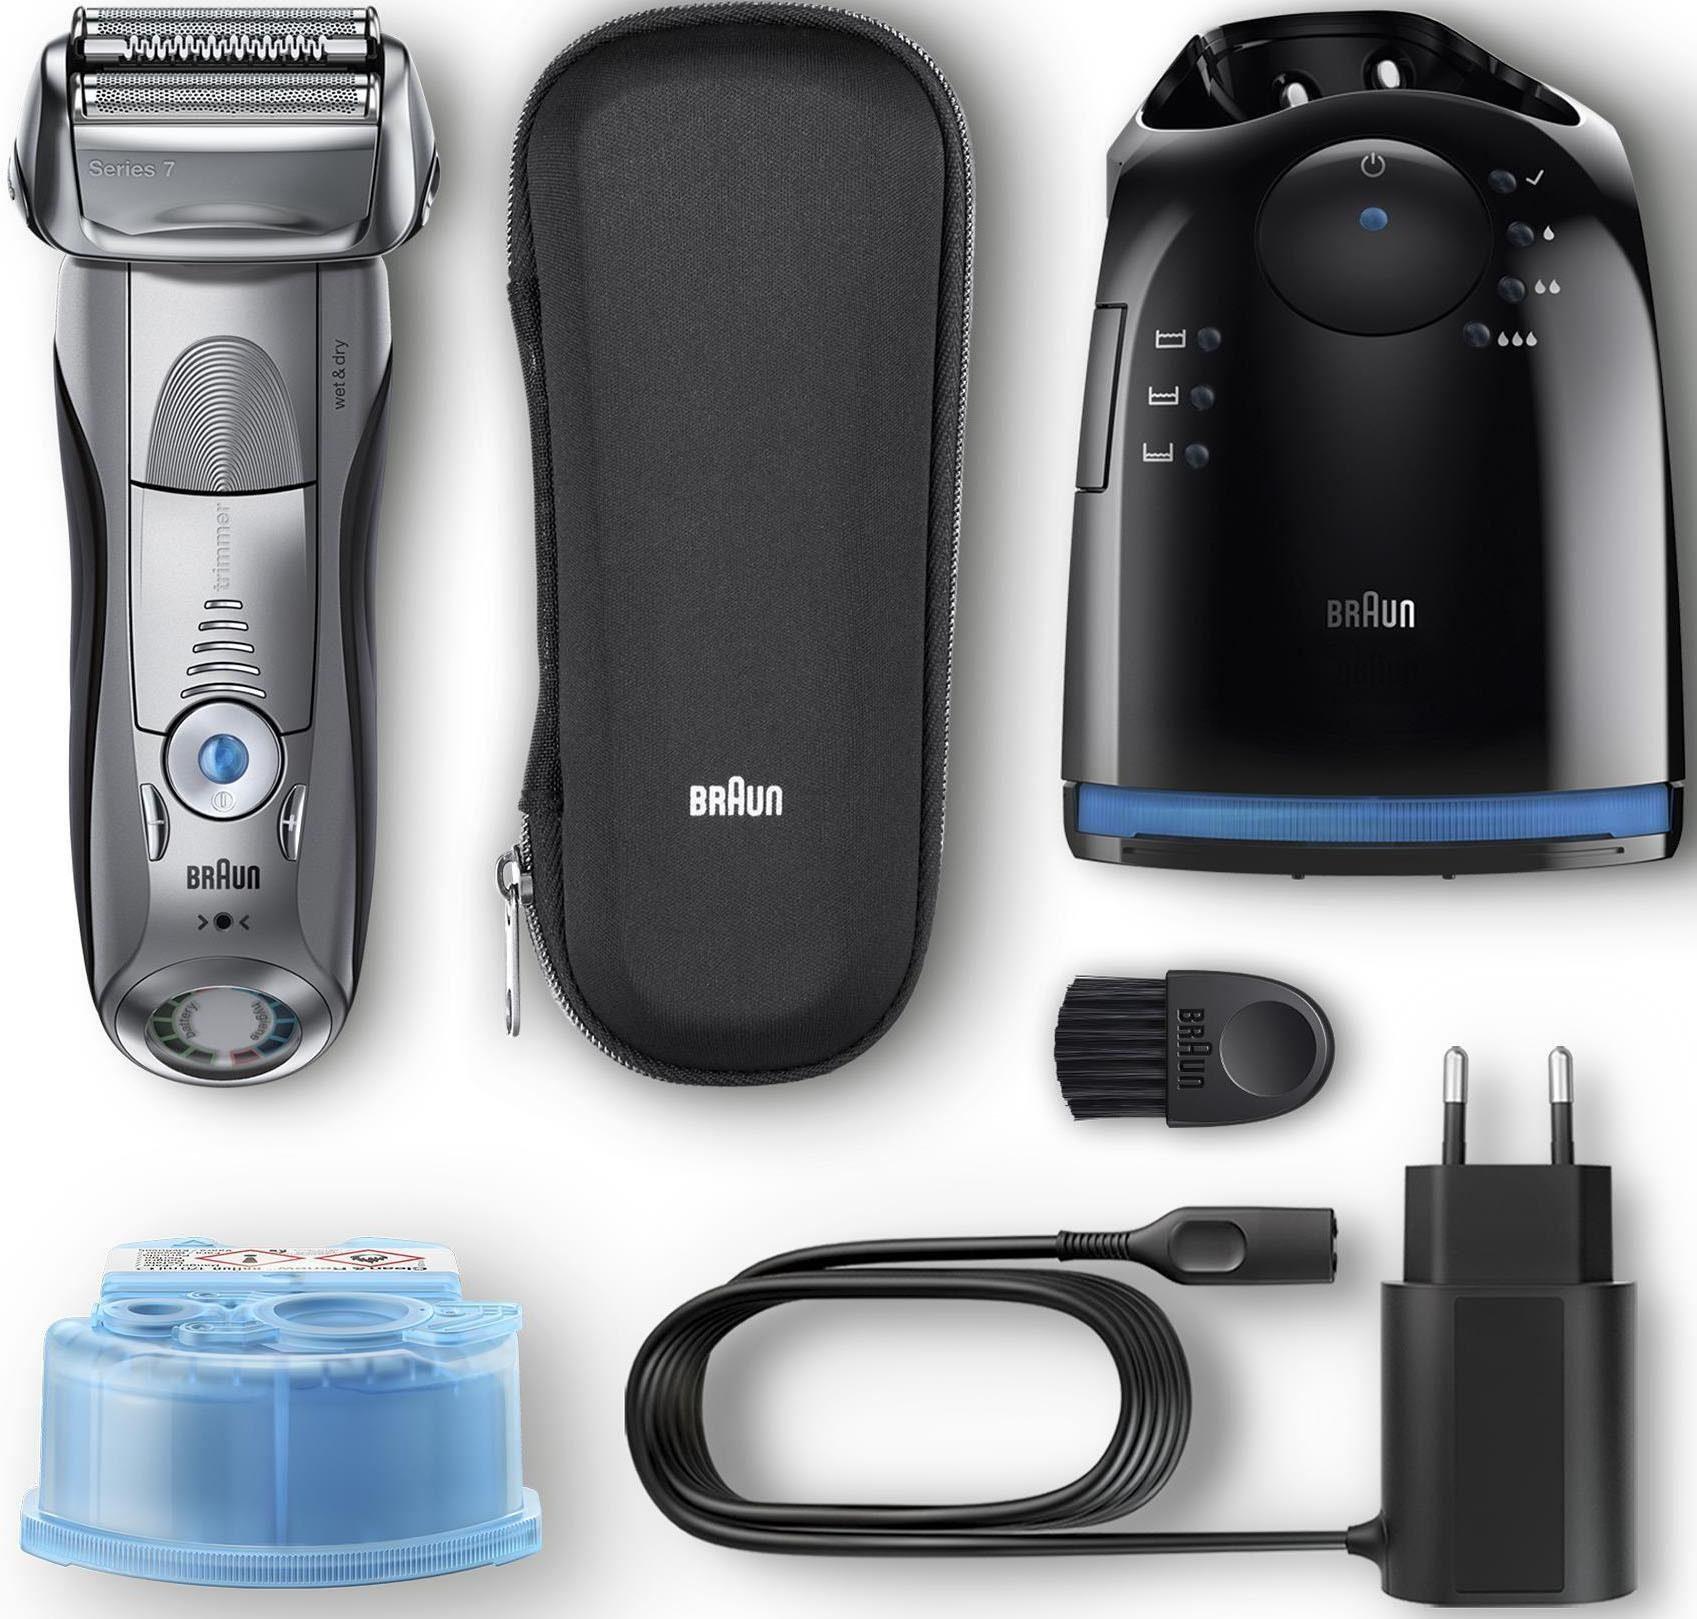 Braun Elektrorasierer Series 7 7898cc, 4-Stufen-Reinigungs- und Ladestation, SmartClick-Präzisionstrimmer, Wet&Dry